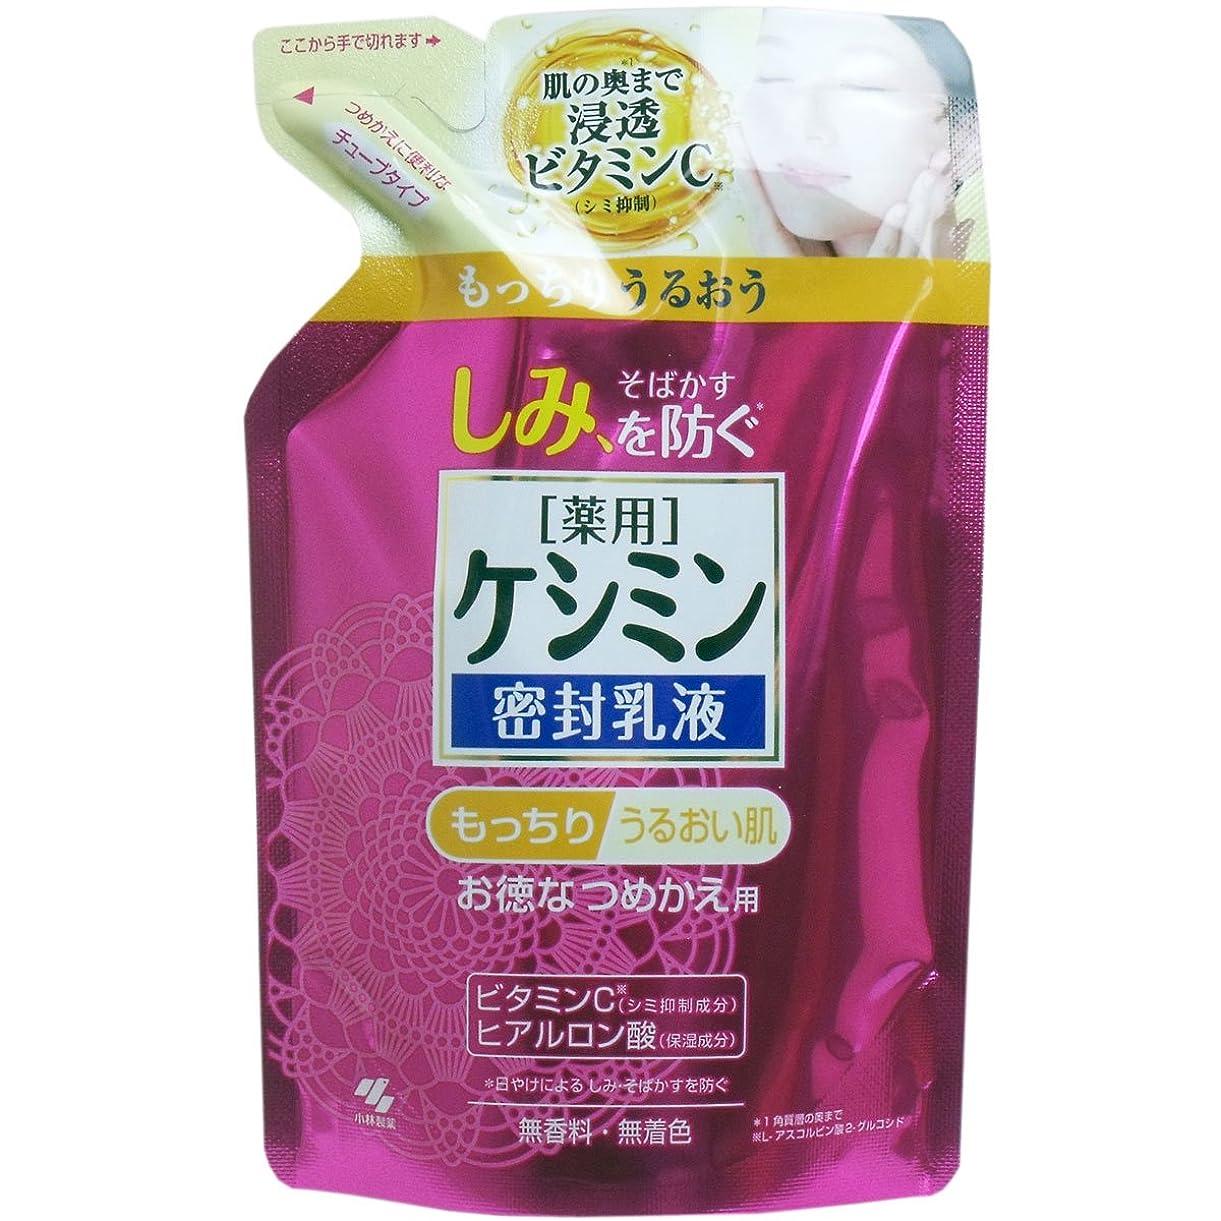 中止します大学生パスポート【小林製薬】ケシミン 密封乳液 つめかえ用 115ml ×20個セット